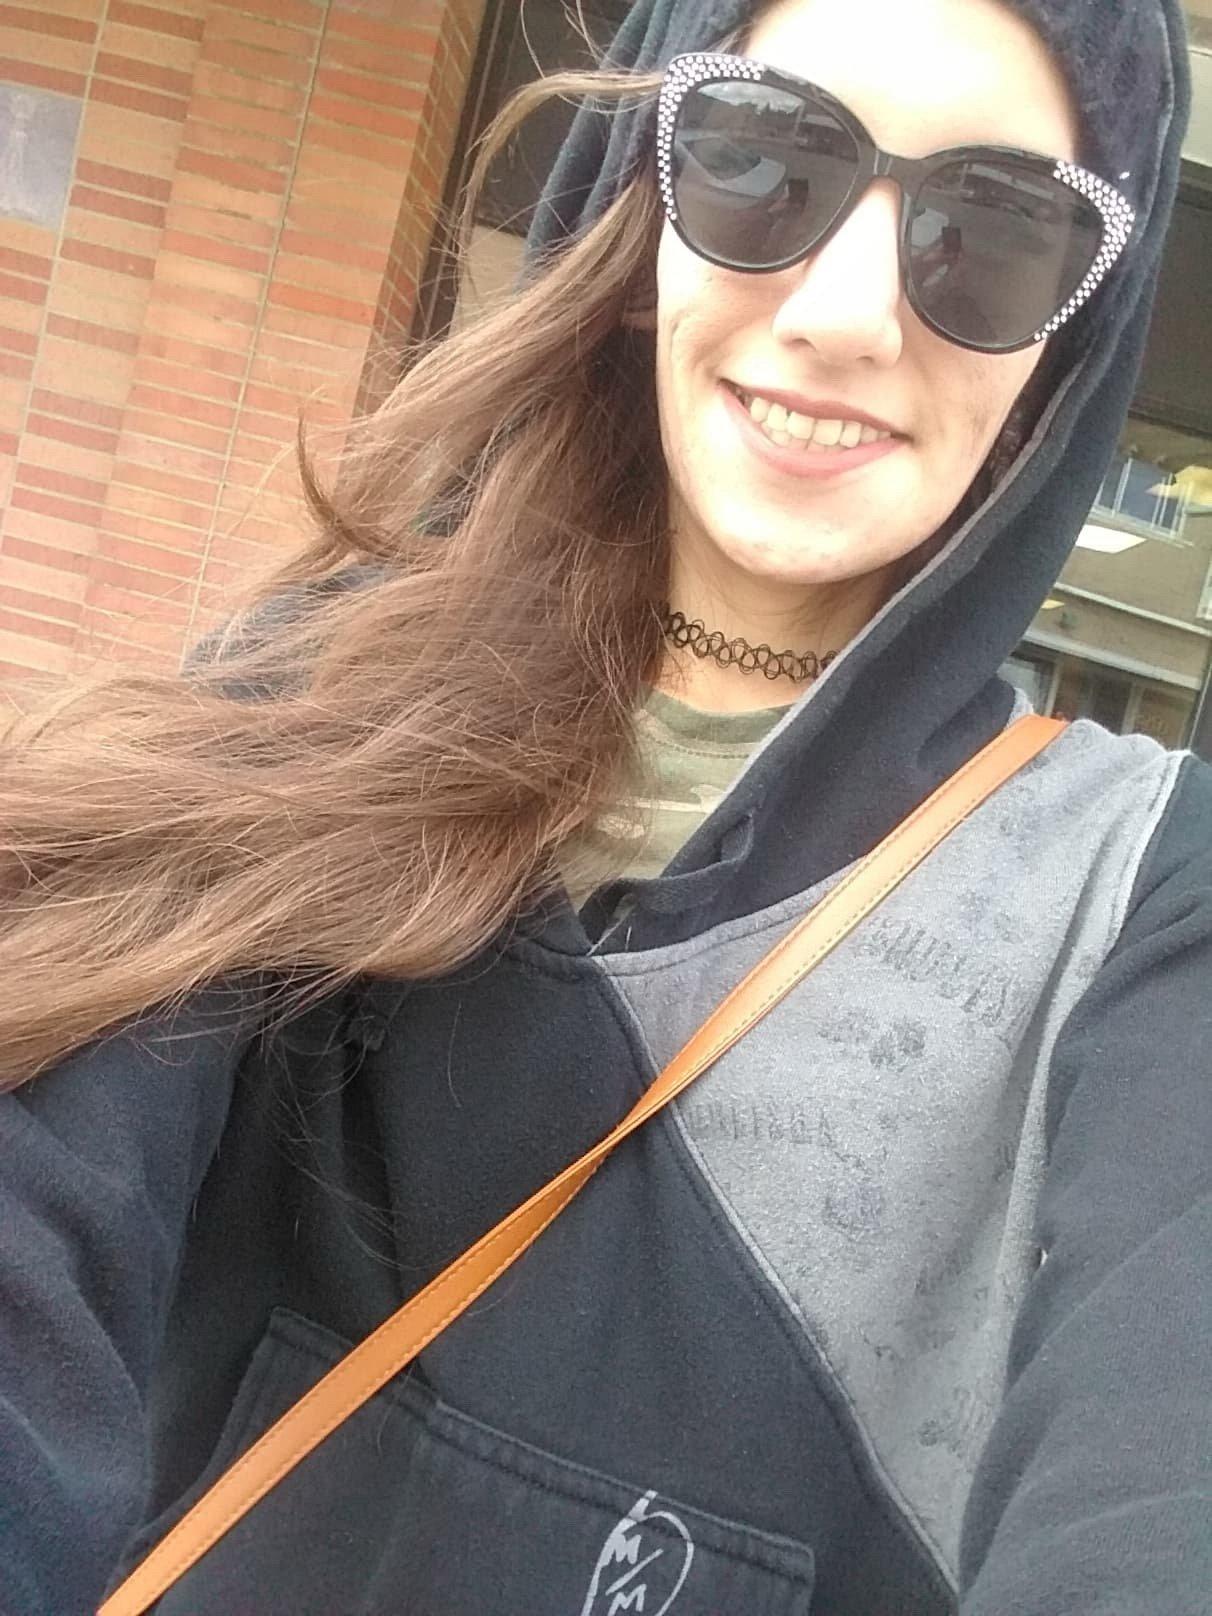 DaringAmira from Gwynedd,United Kingdom